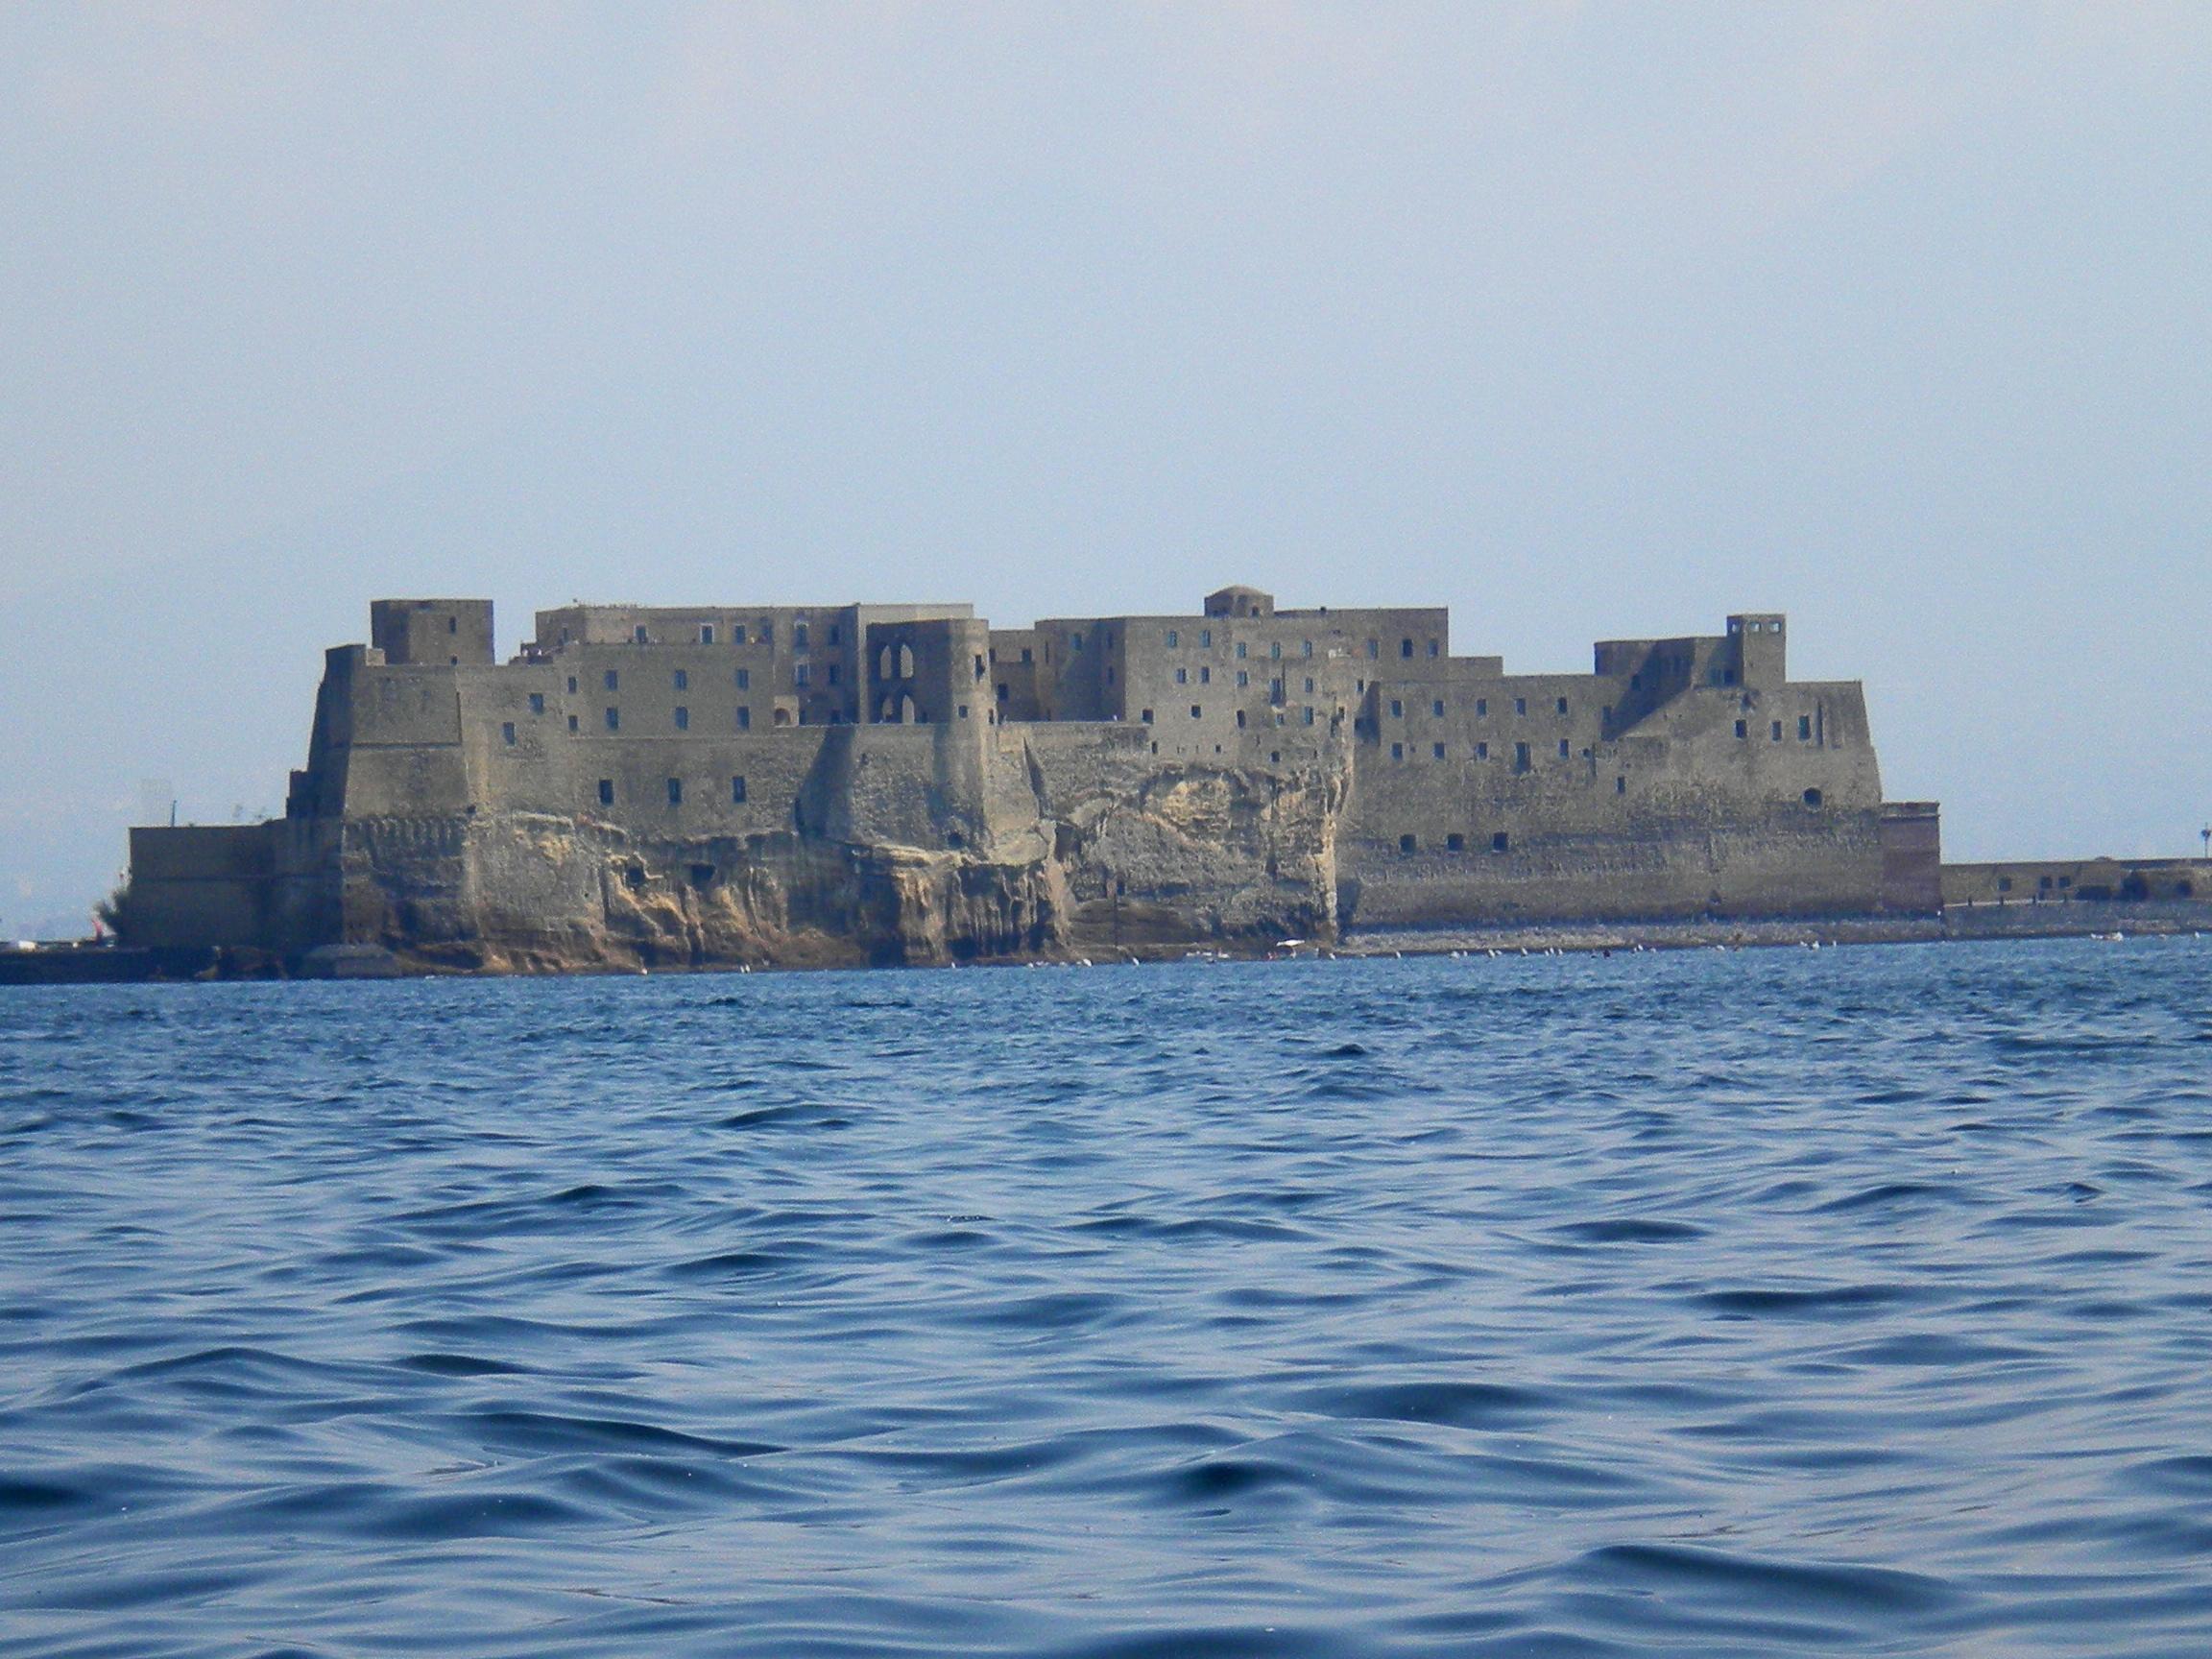 Castel del 'Ovo